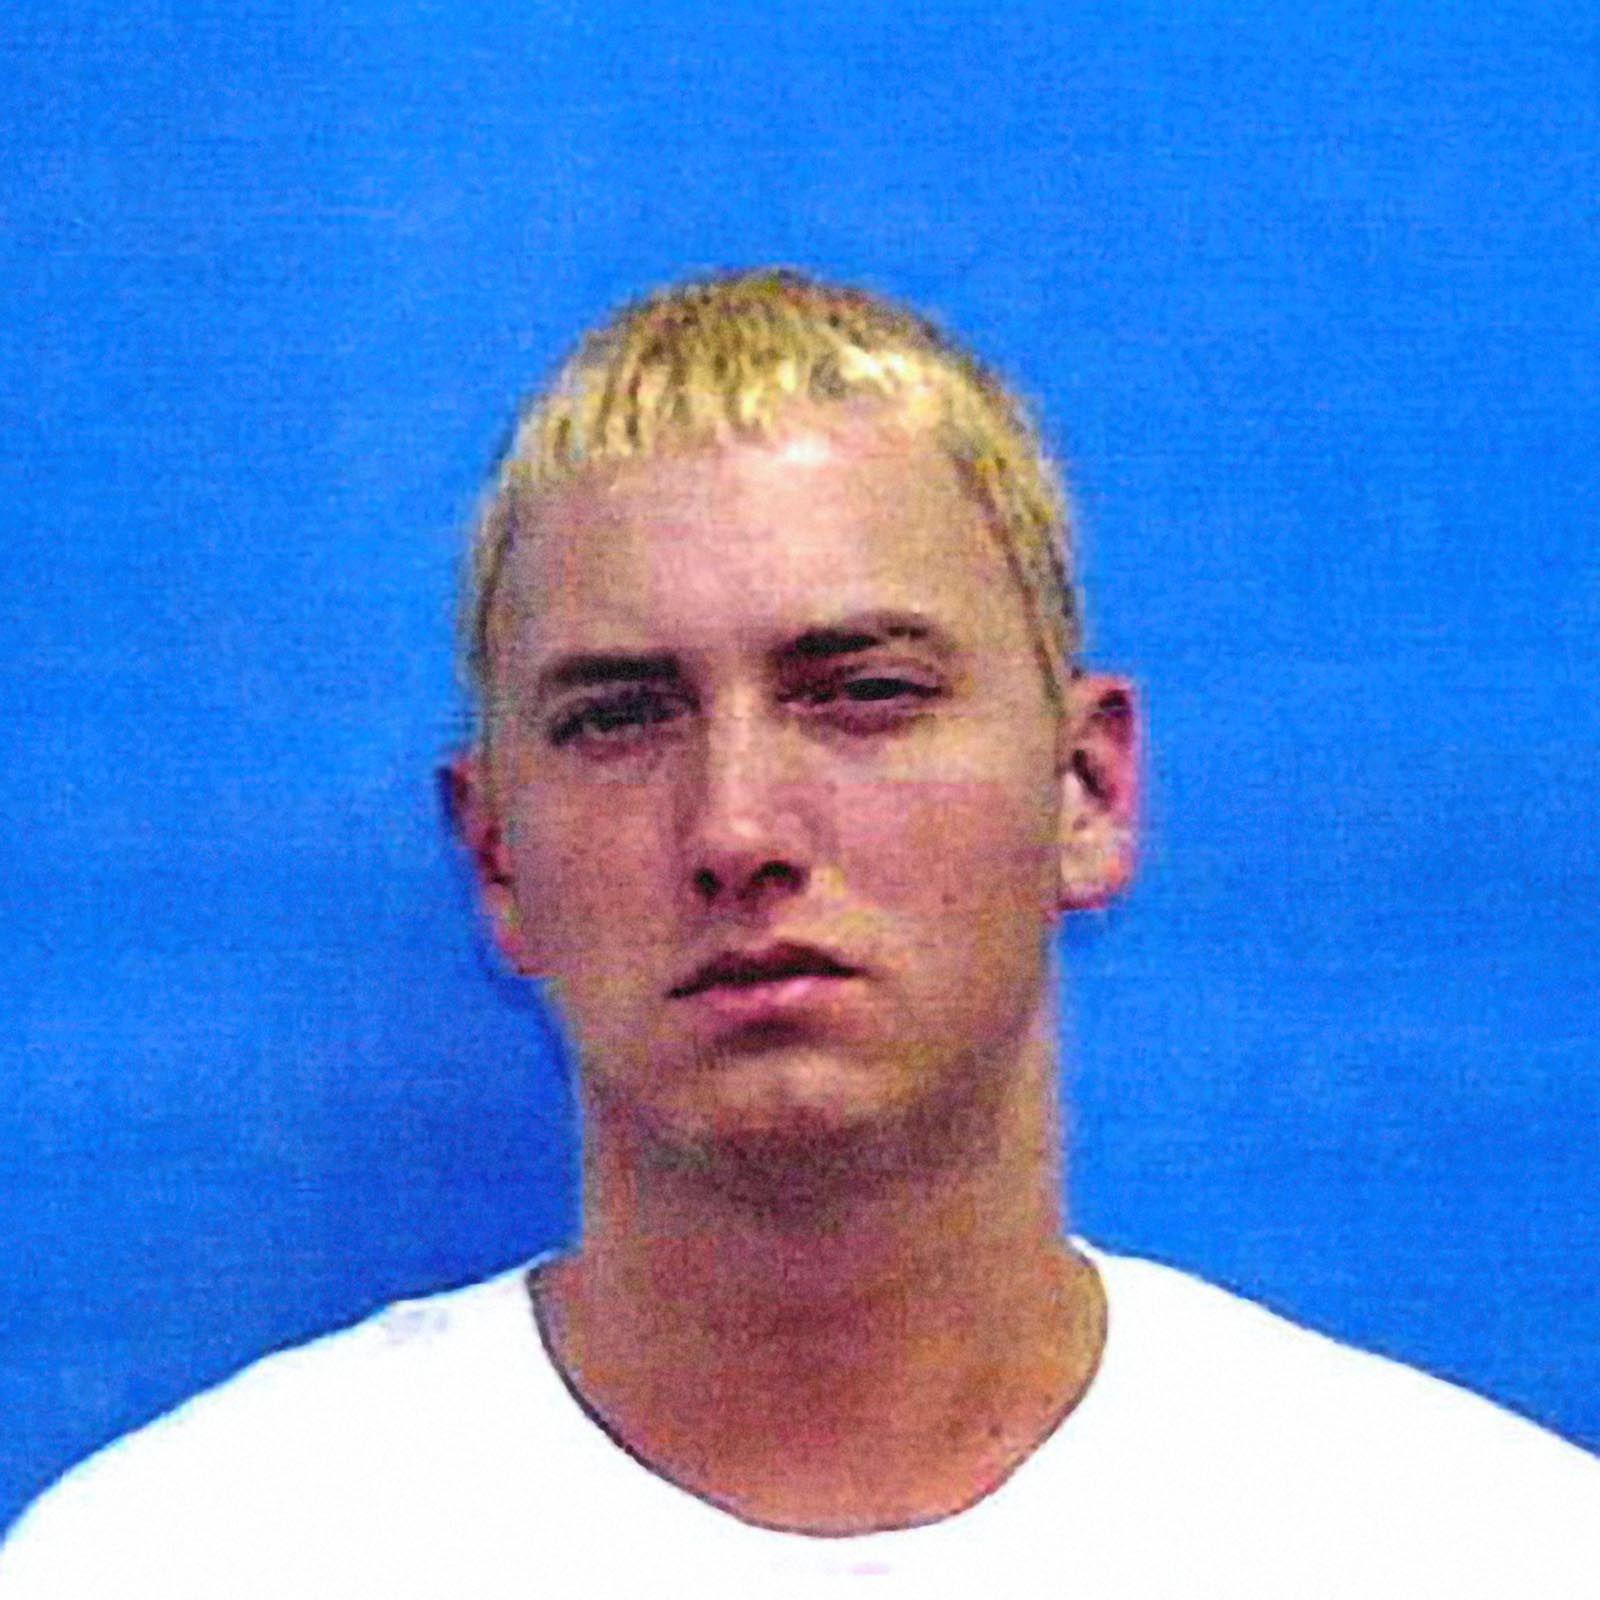 Eminem mugshot best celebrity mugshots celebrity